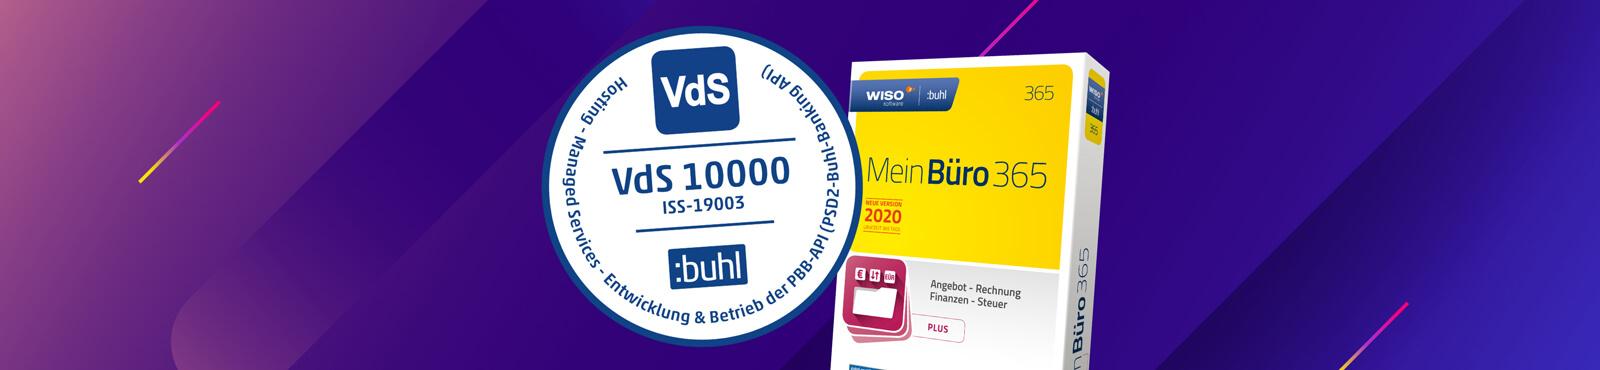 Eine sichere Sache: MeinBüro ist VdS-1000 zertifiziert!